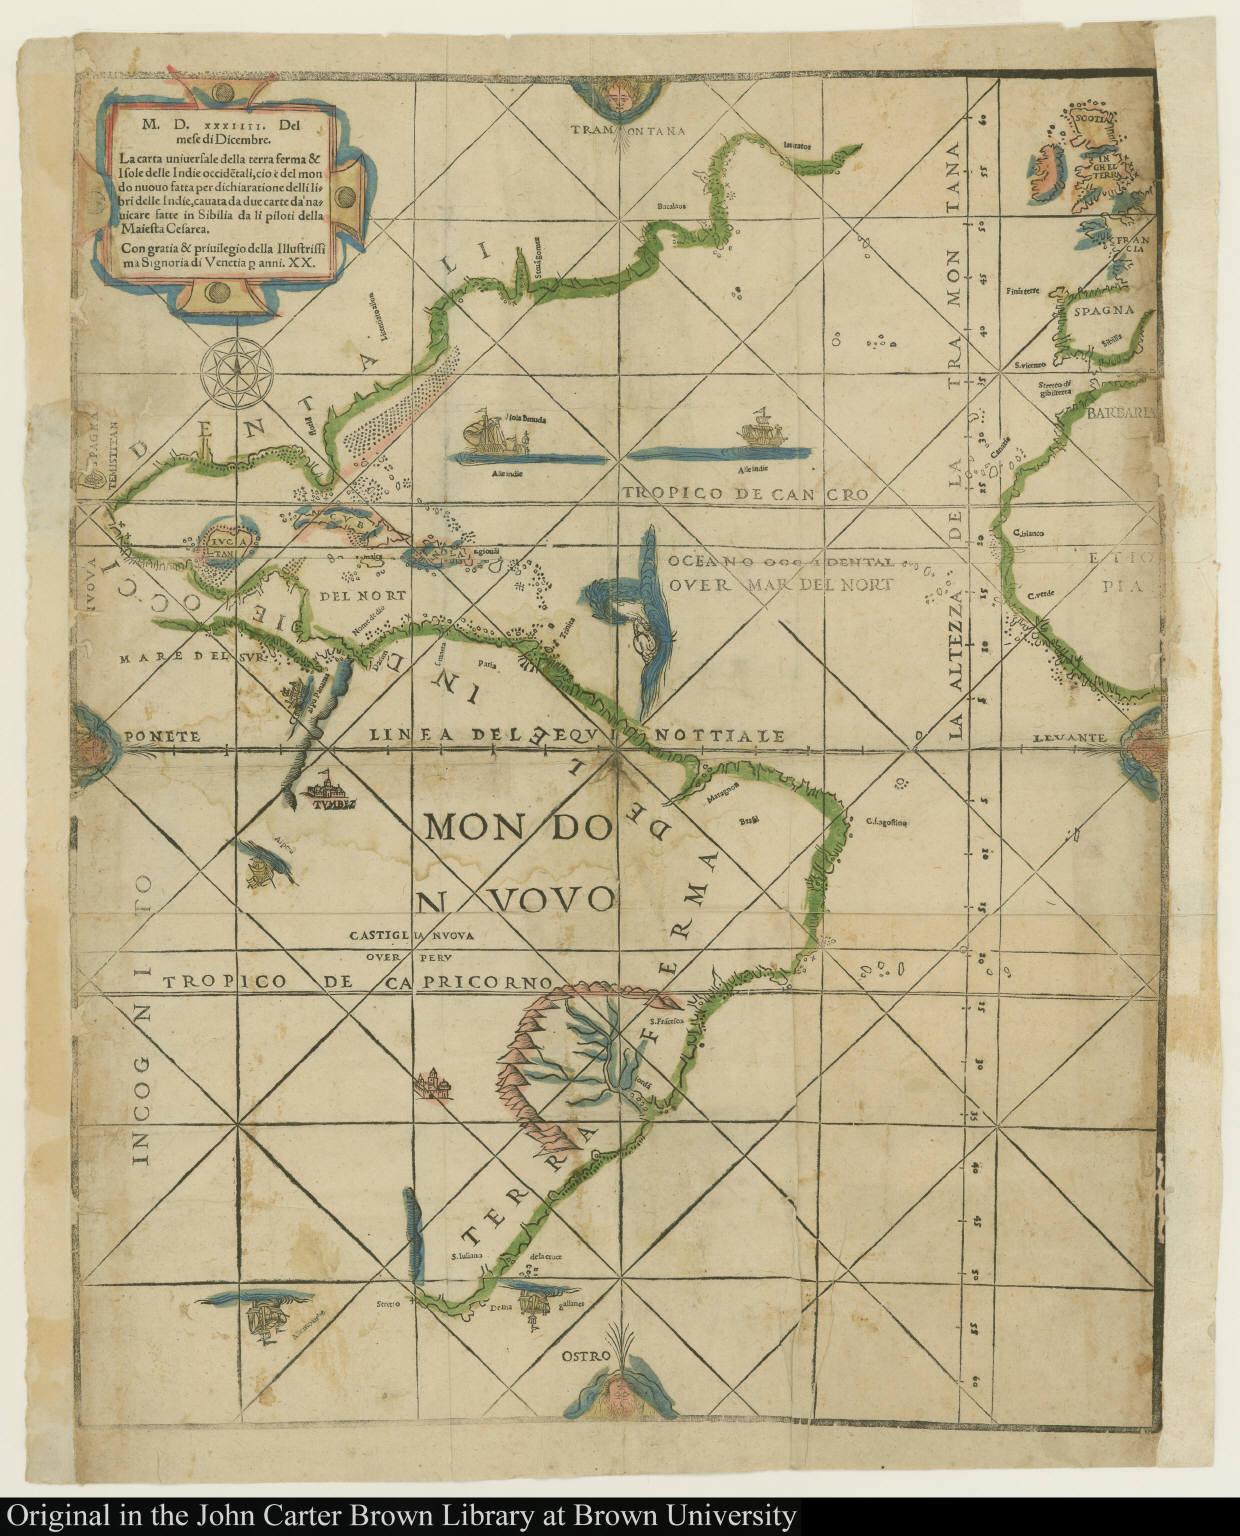 La carta uniuersale della terra ferma & Isole delle Indie occide[n]tali ...